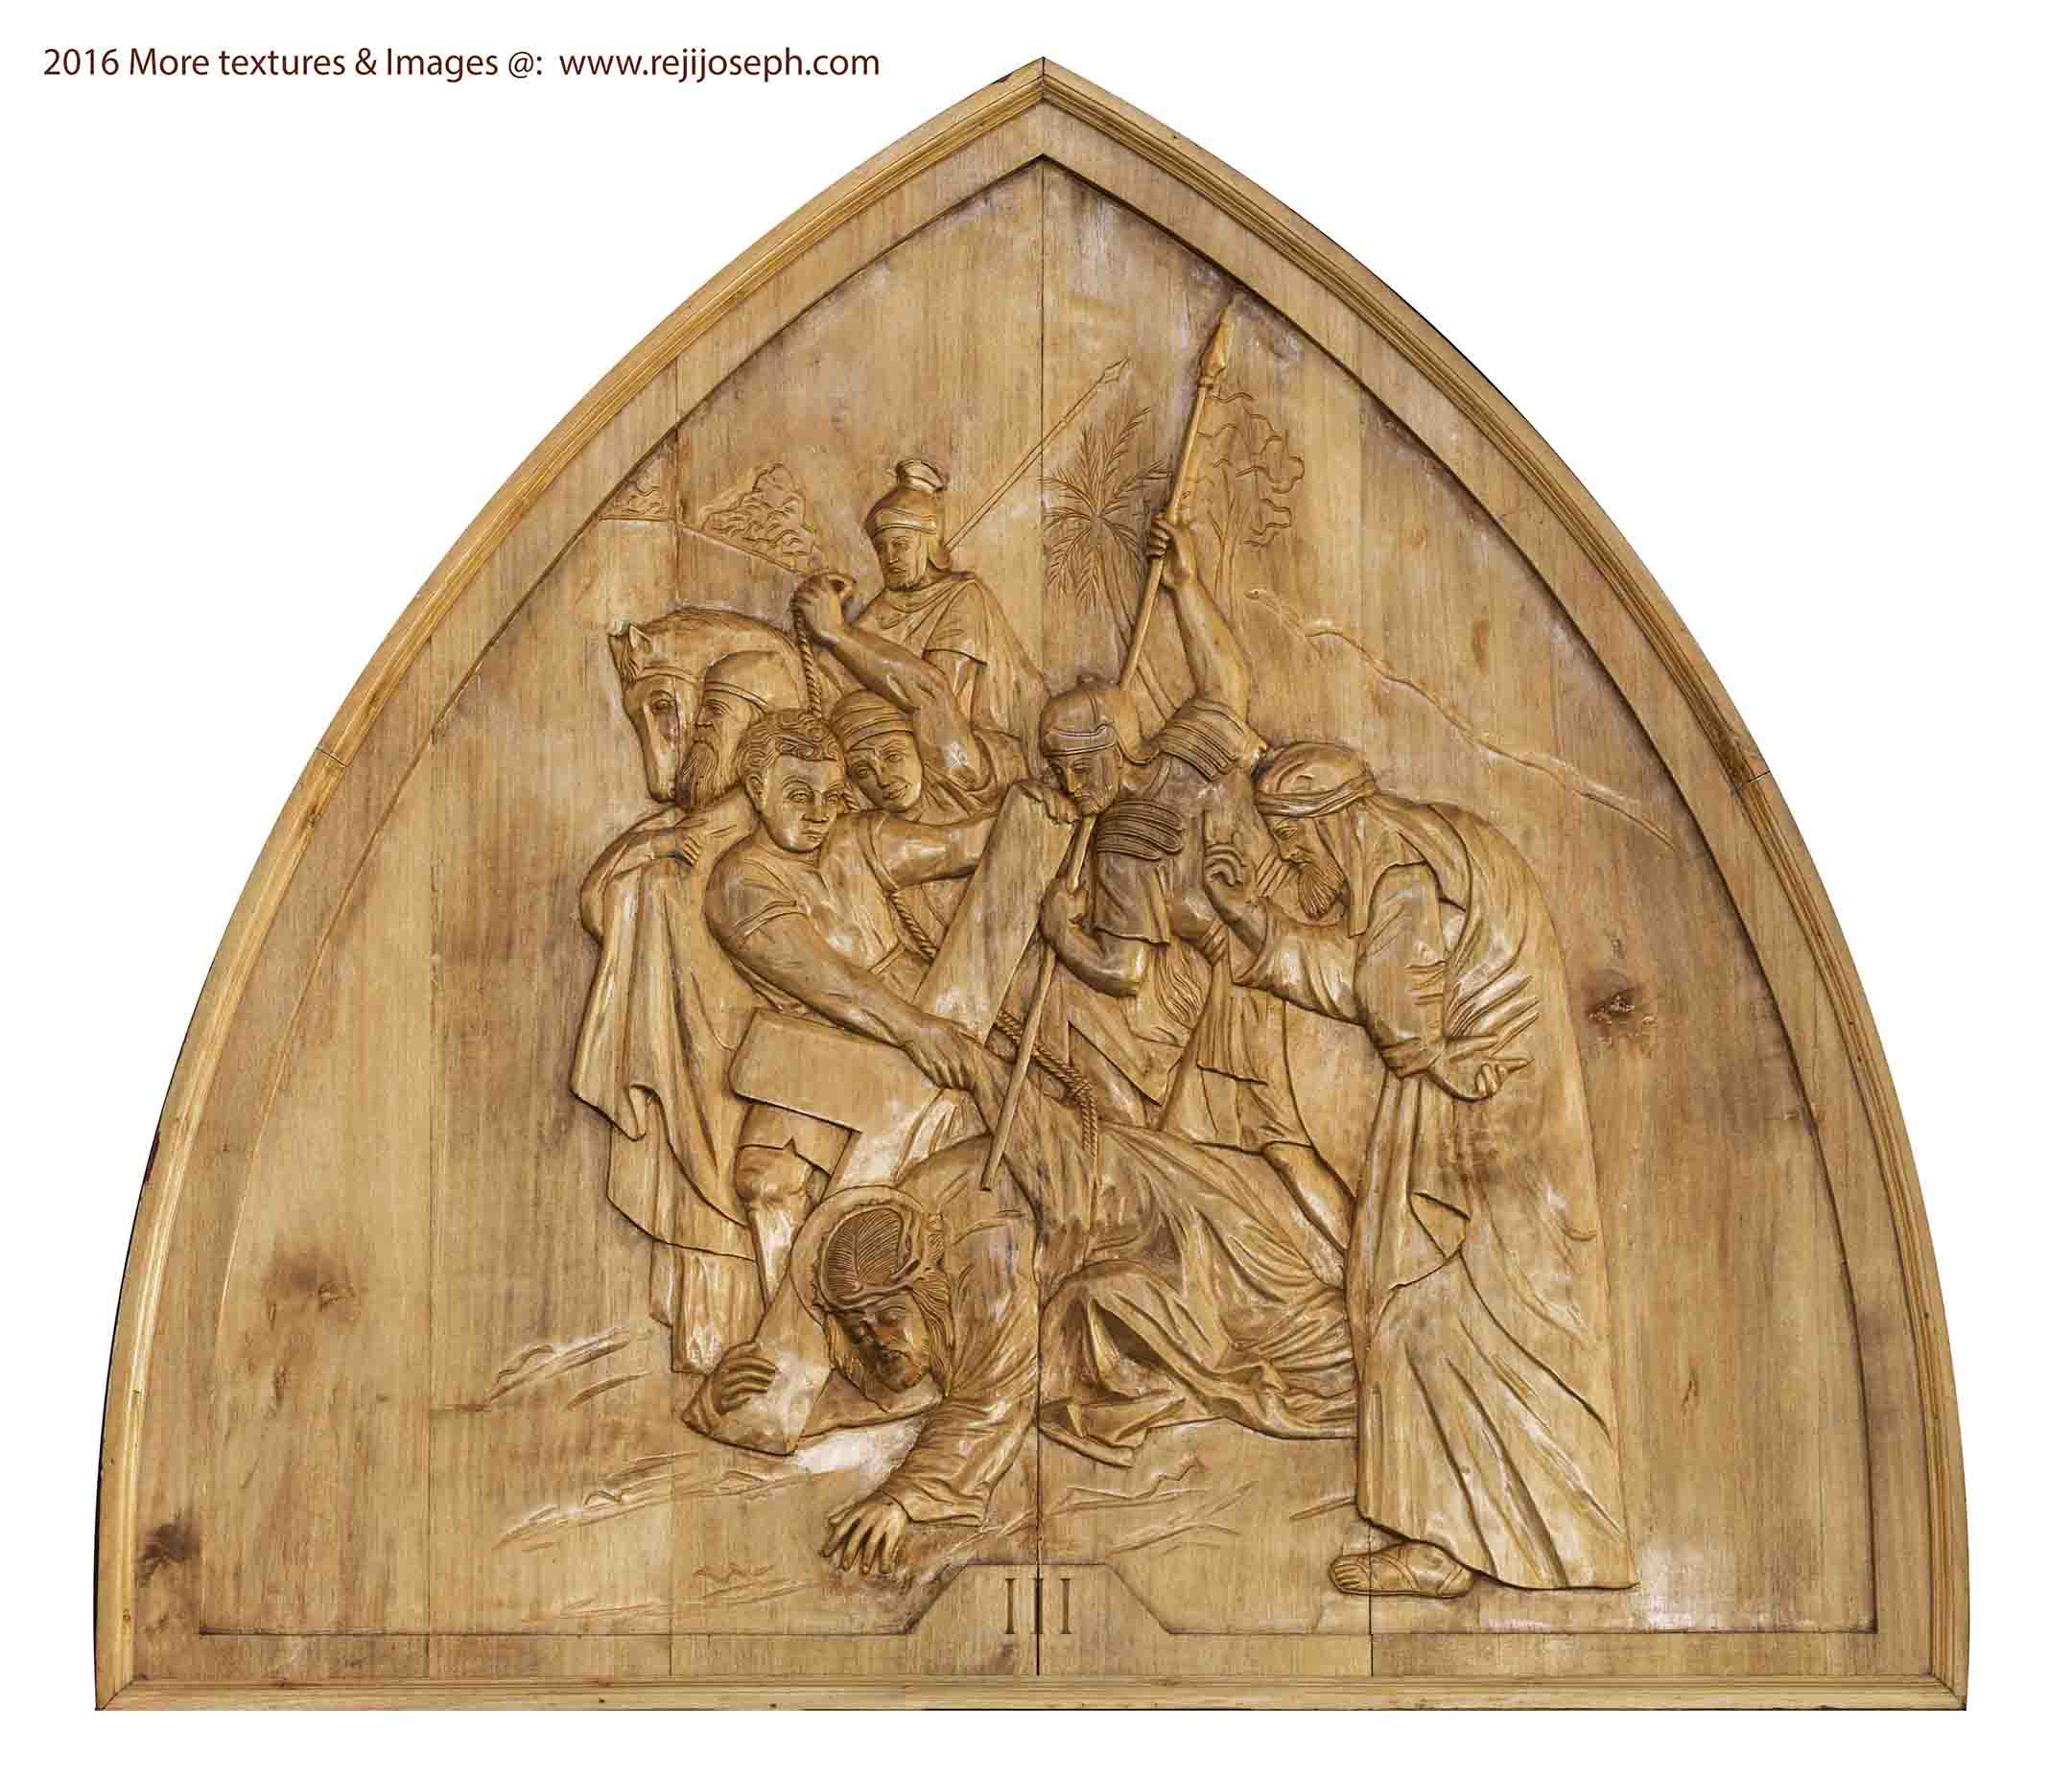 Way of the cross wooden relief 003